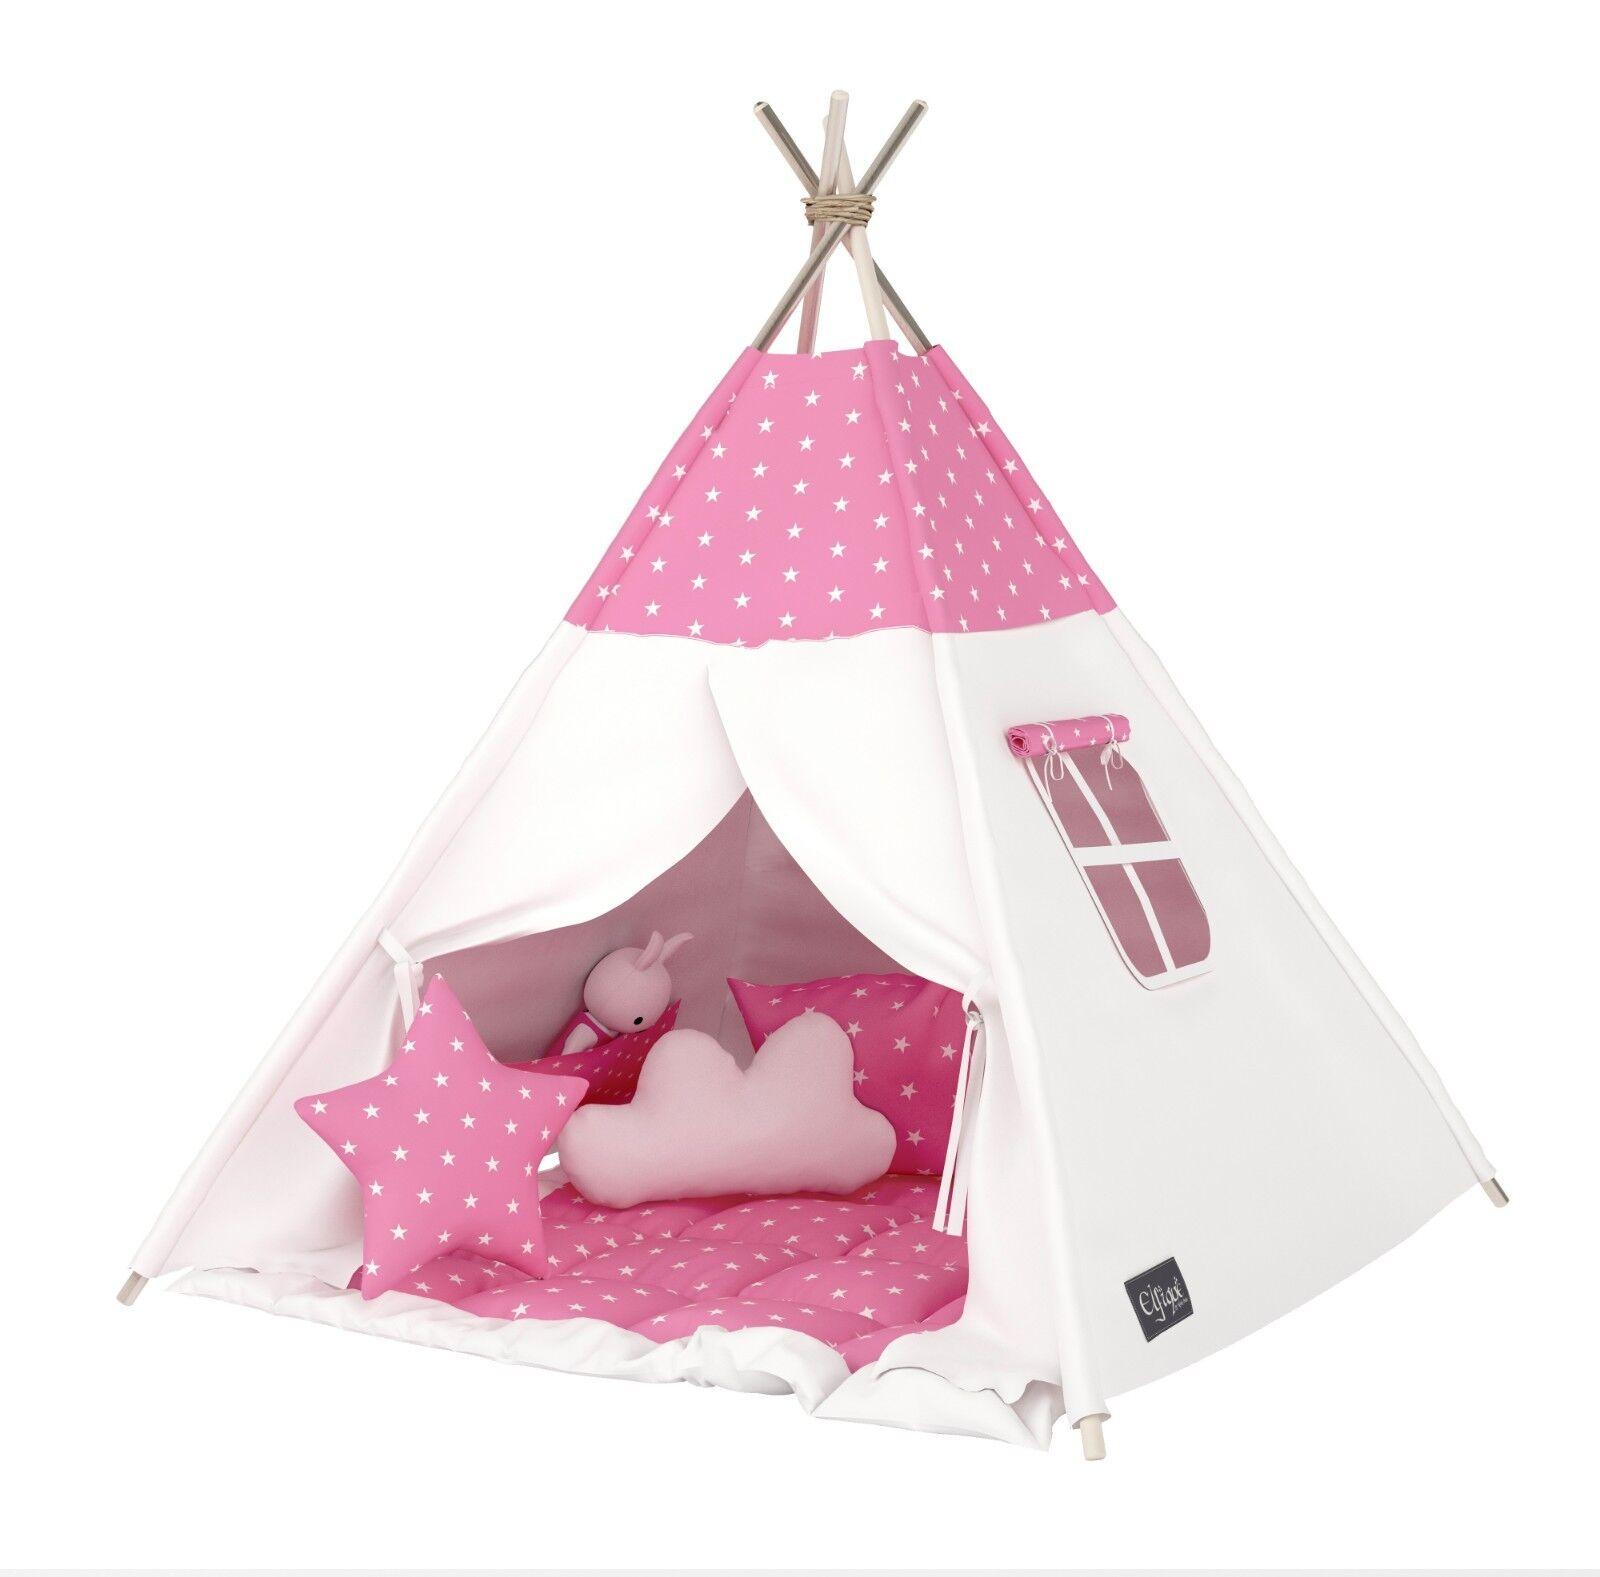 Elfique New Tipi Tenda Tenda Giocattolo con Imbottito Coperta Bianco rosa